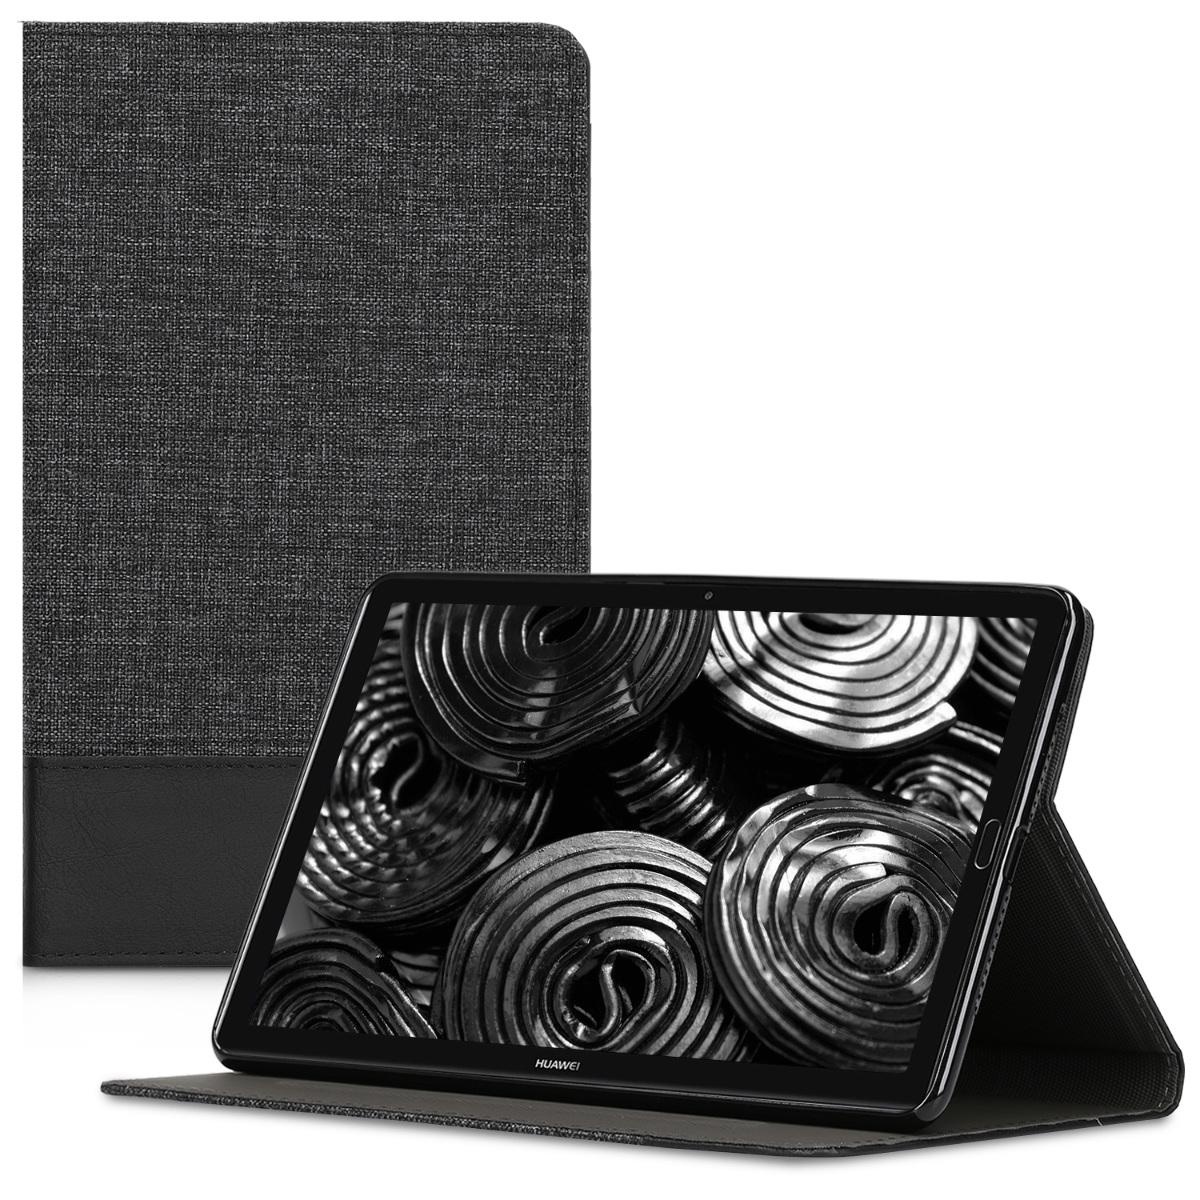 KW Θήκη Huawei MediaPad M5 8 - Grey / Black (44243.73)